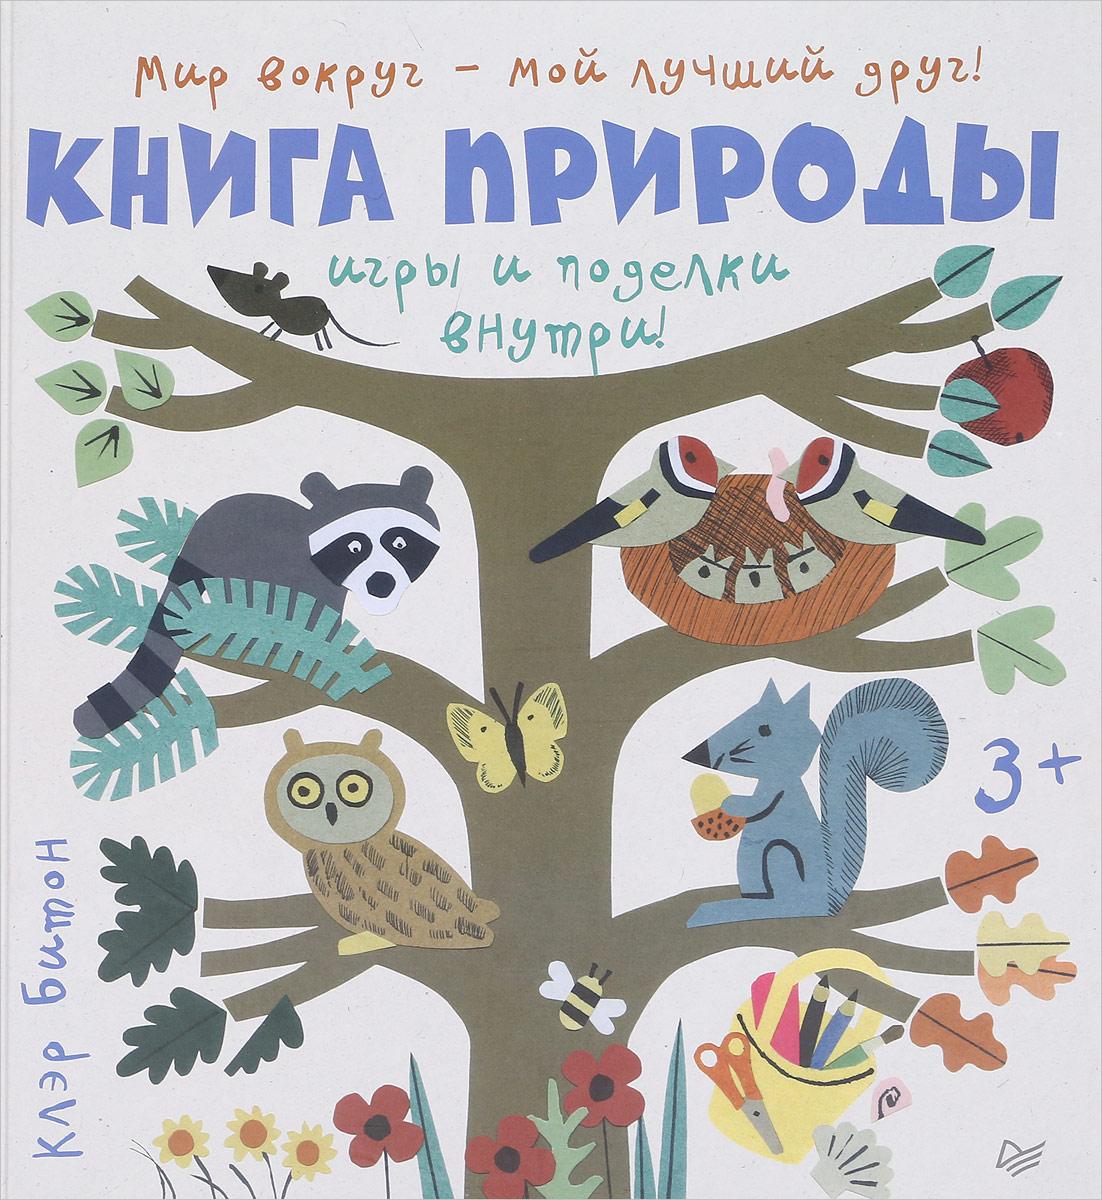 Вы и ваш ребенок Книга природы. Мир вокруг-мой лучший друг, Клэр Битон